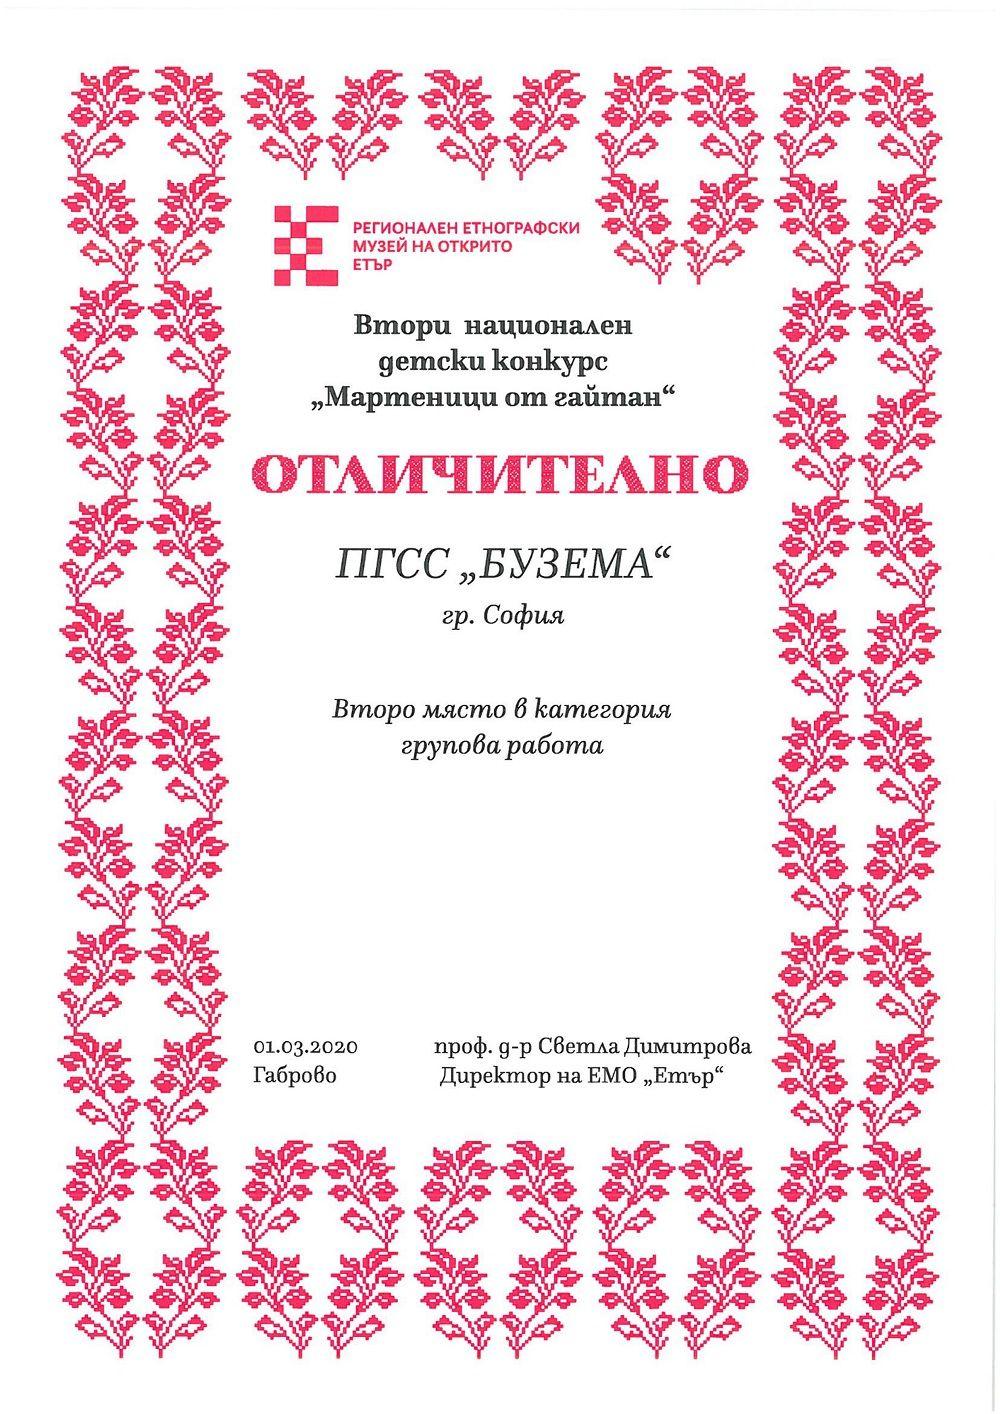 """Наград от Втори национален конкурс """"Мартеница от гайтан"""" - голяма снимка"""